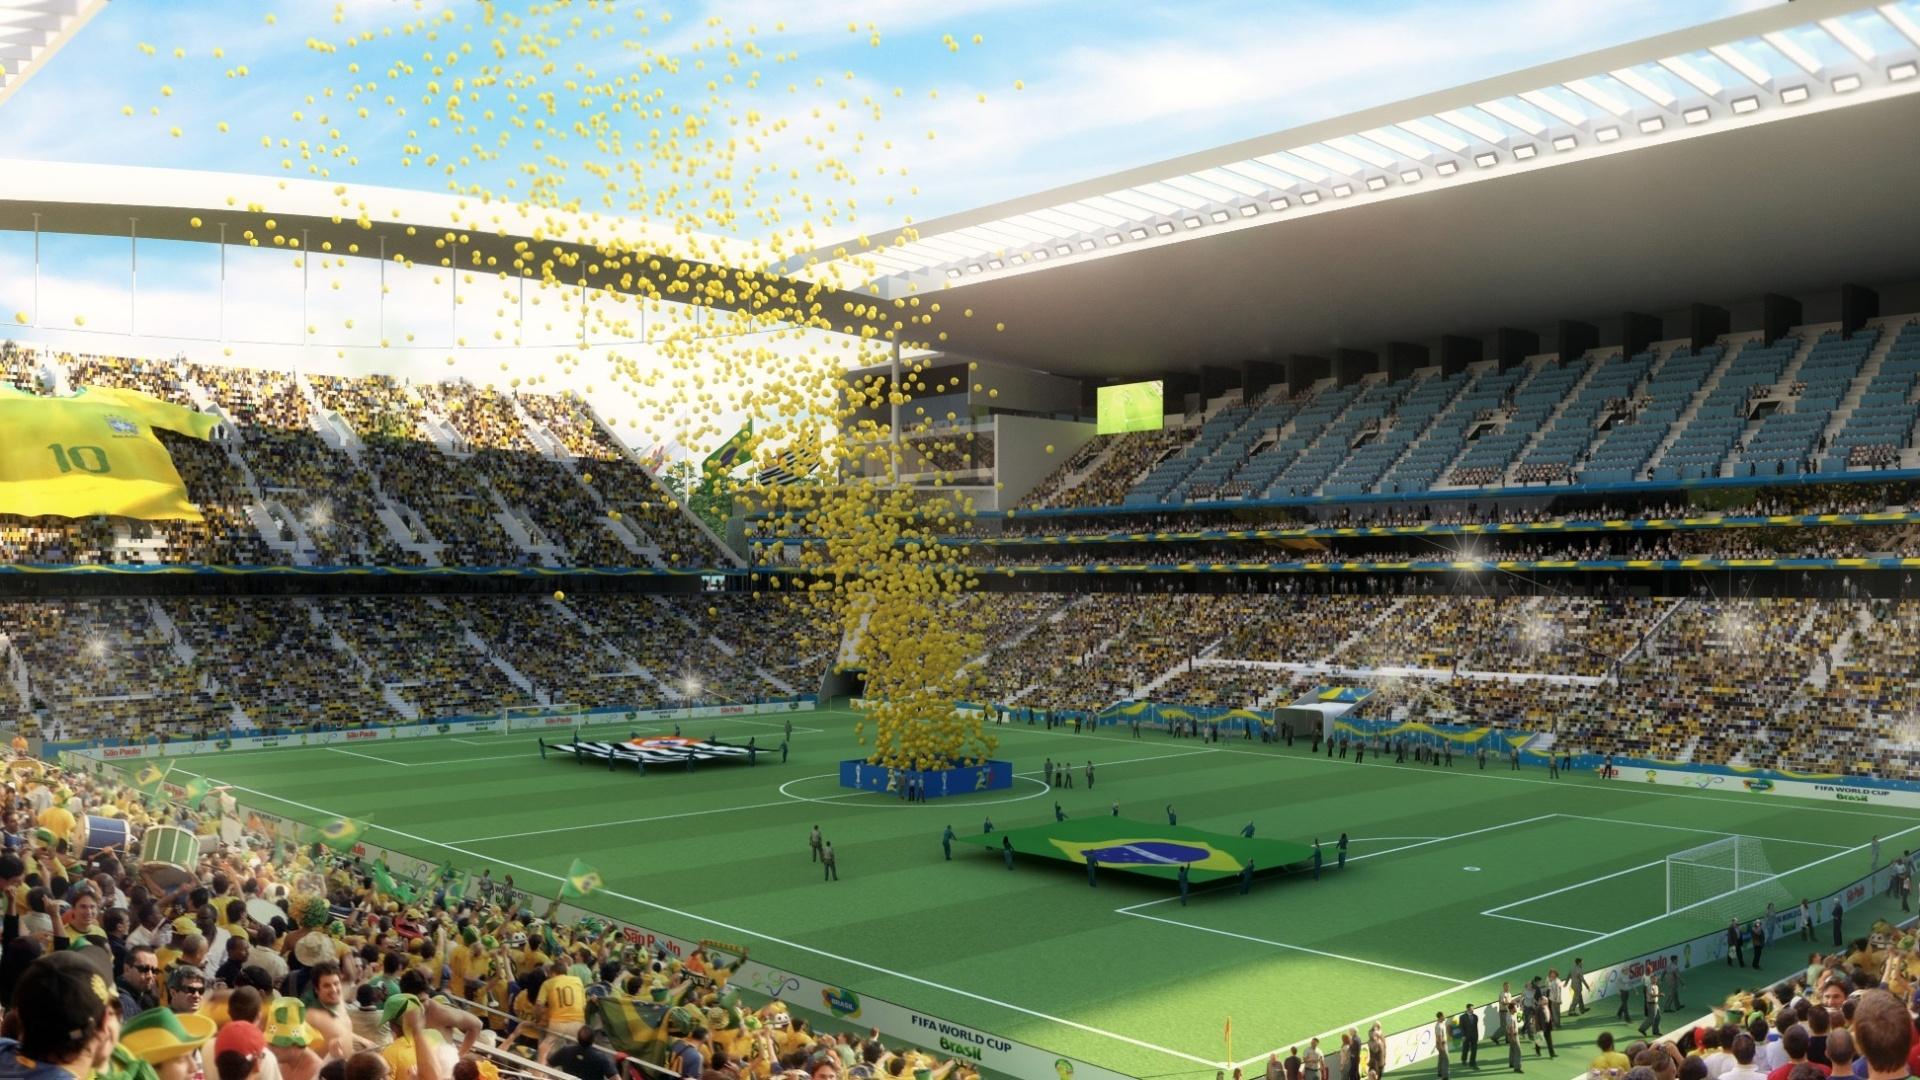 http://copa.imguol.com/2010/copadomundo/2012/09/26/projecao-de-como-ficara-o-novo-estadio-do-corinthians-em-itaquera-sao-paulo-arena-sera-usada-na-copa-de-2014-com-arquibancada-movel-1348674768906_1920x1080.jpg